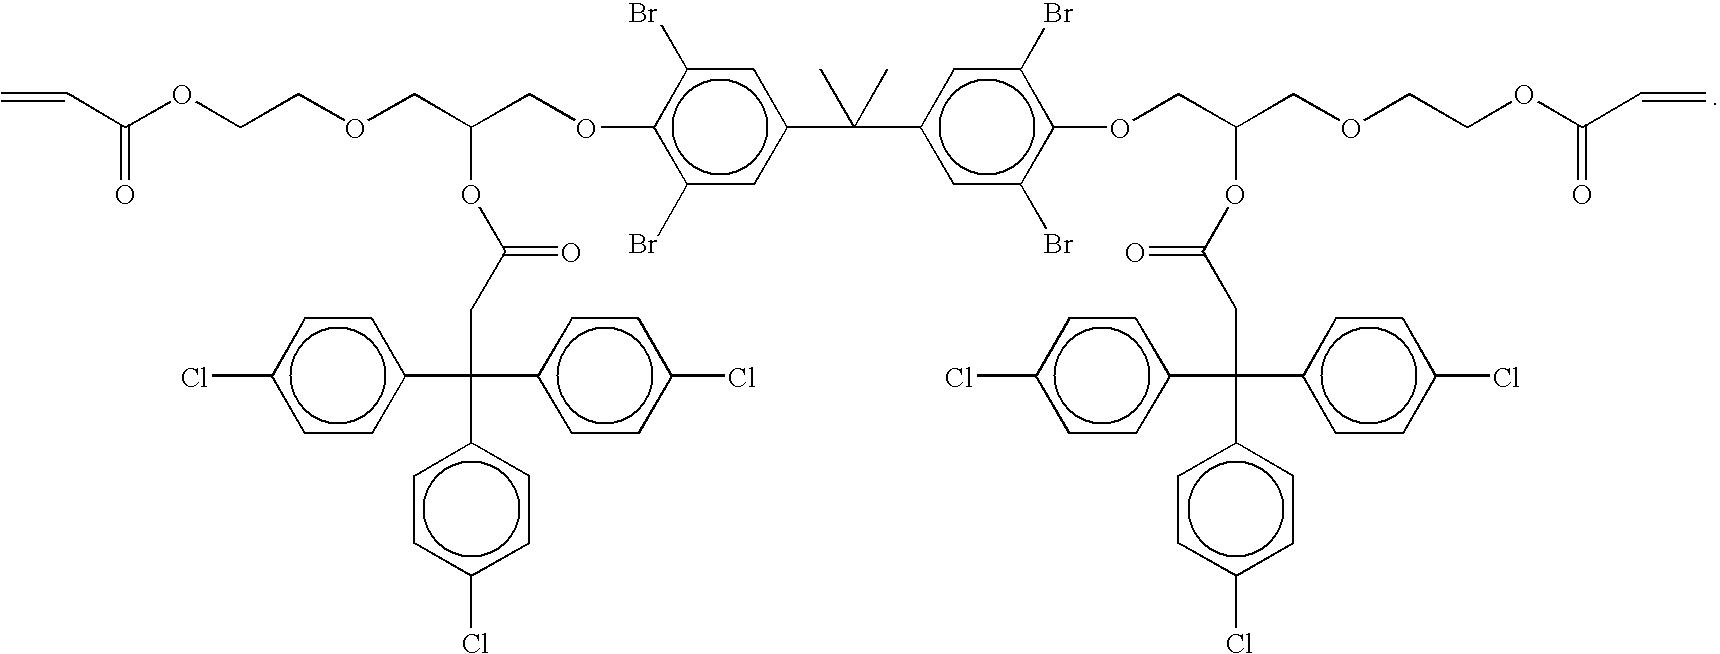 Figure US20100273096A1-20101028-C00035